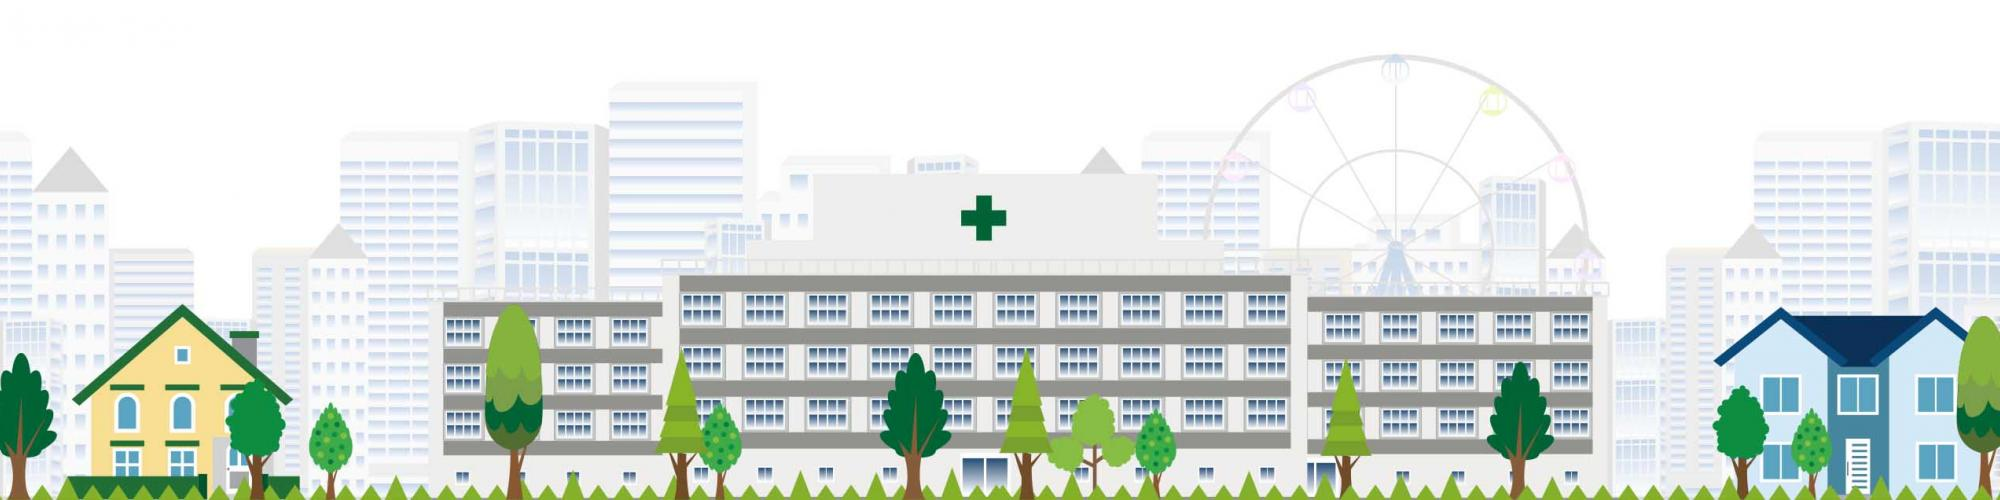 Zollernalb Klinikum gGmbH